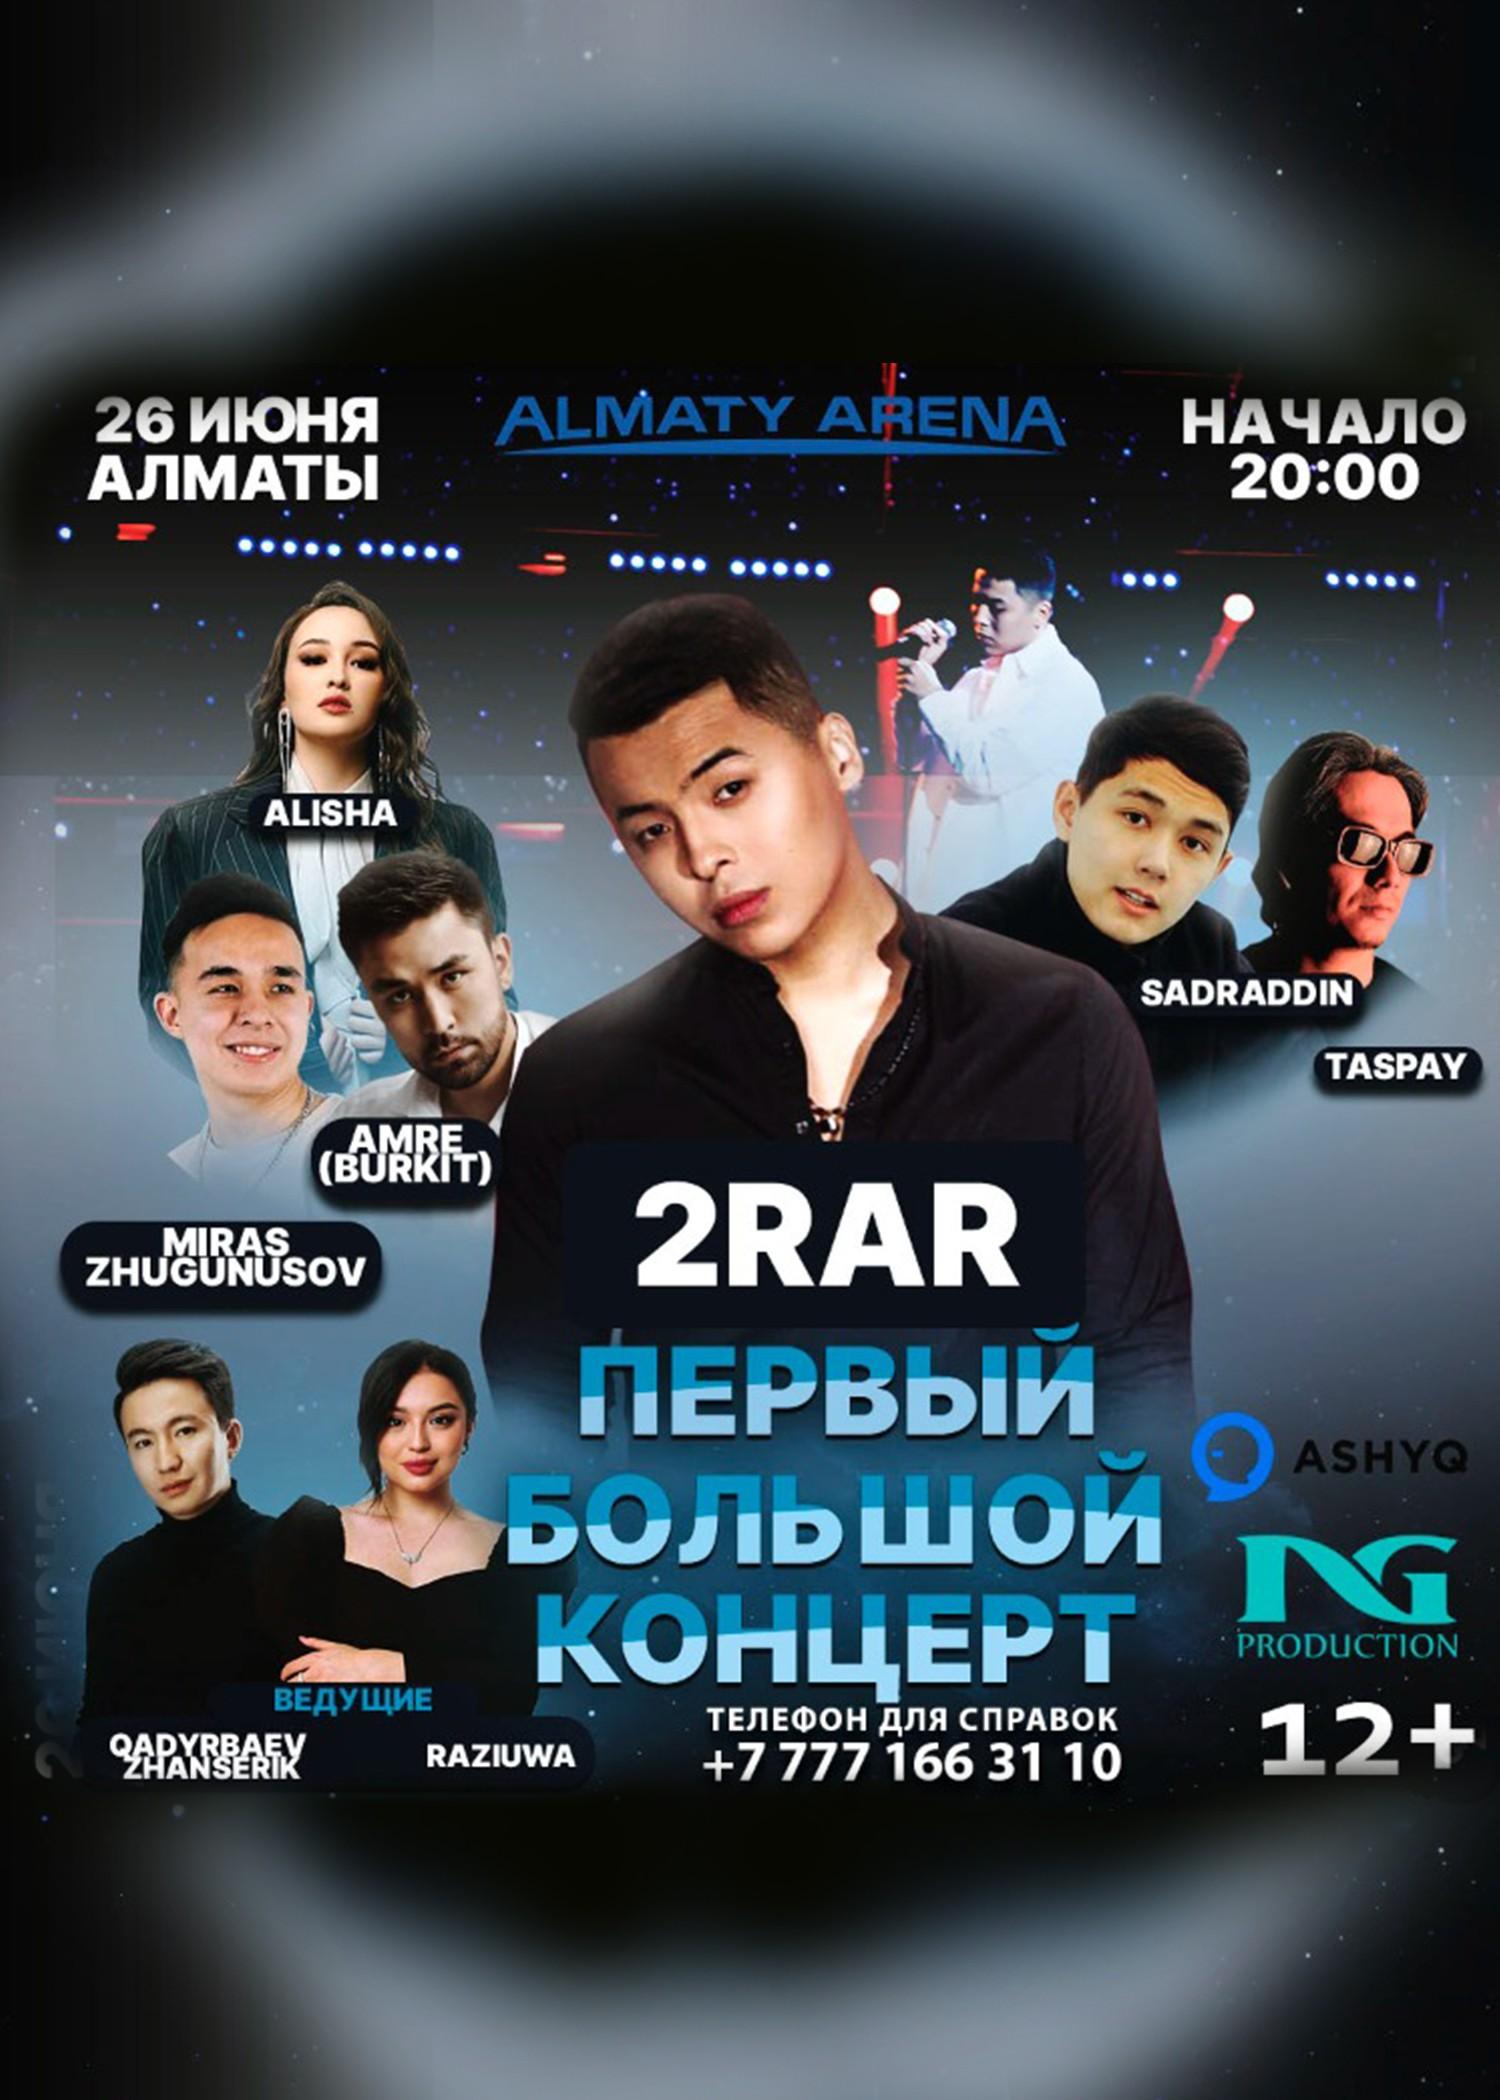 2RAR - Первый большой концерт